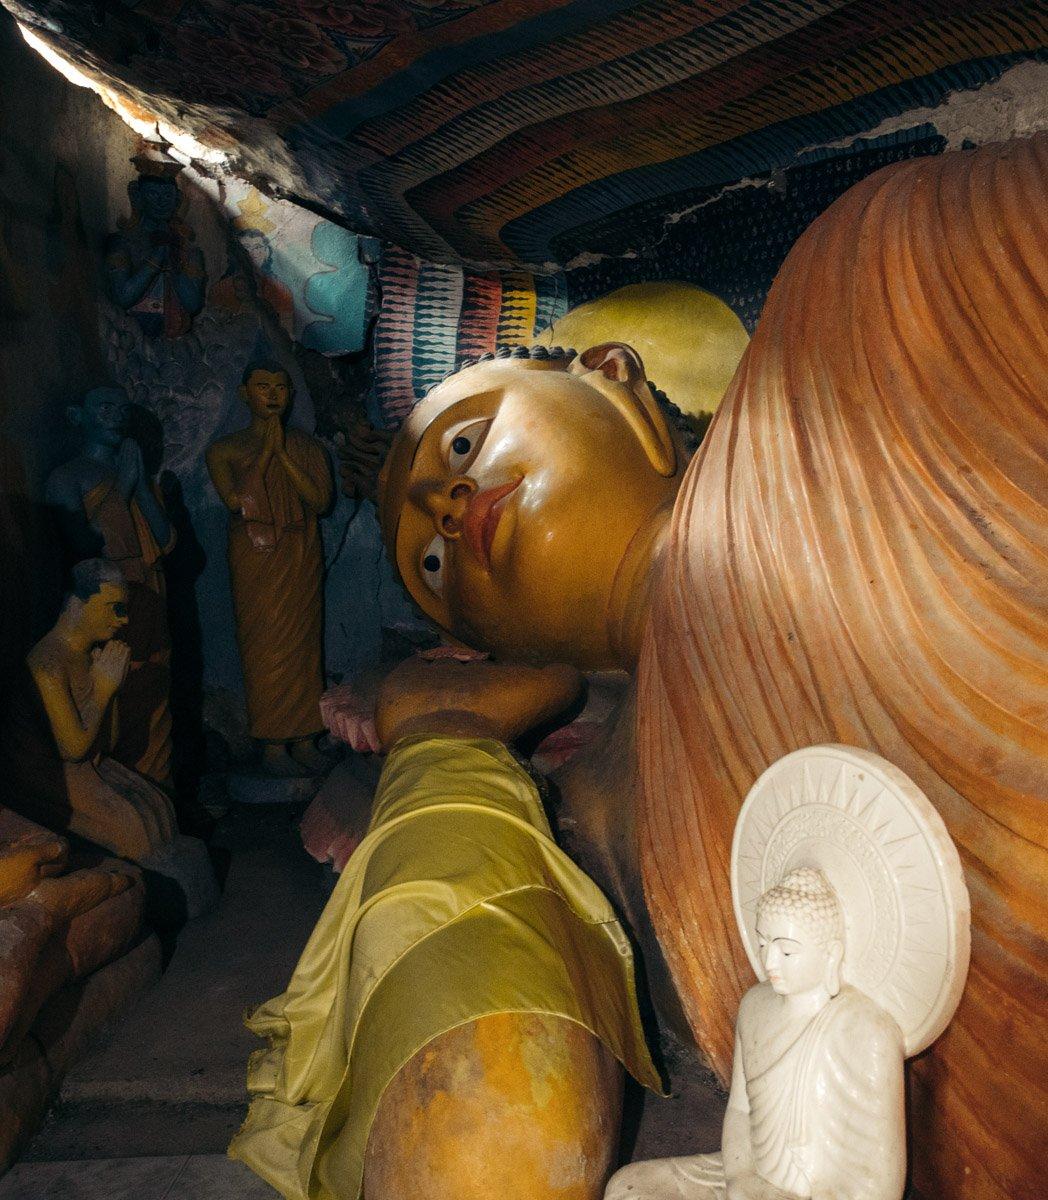 BUDDHIST STATUE AT BAMBARAGALA TEMPLE NEAR KANDY, SRI LANKA